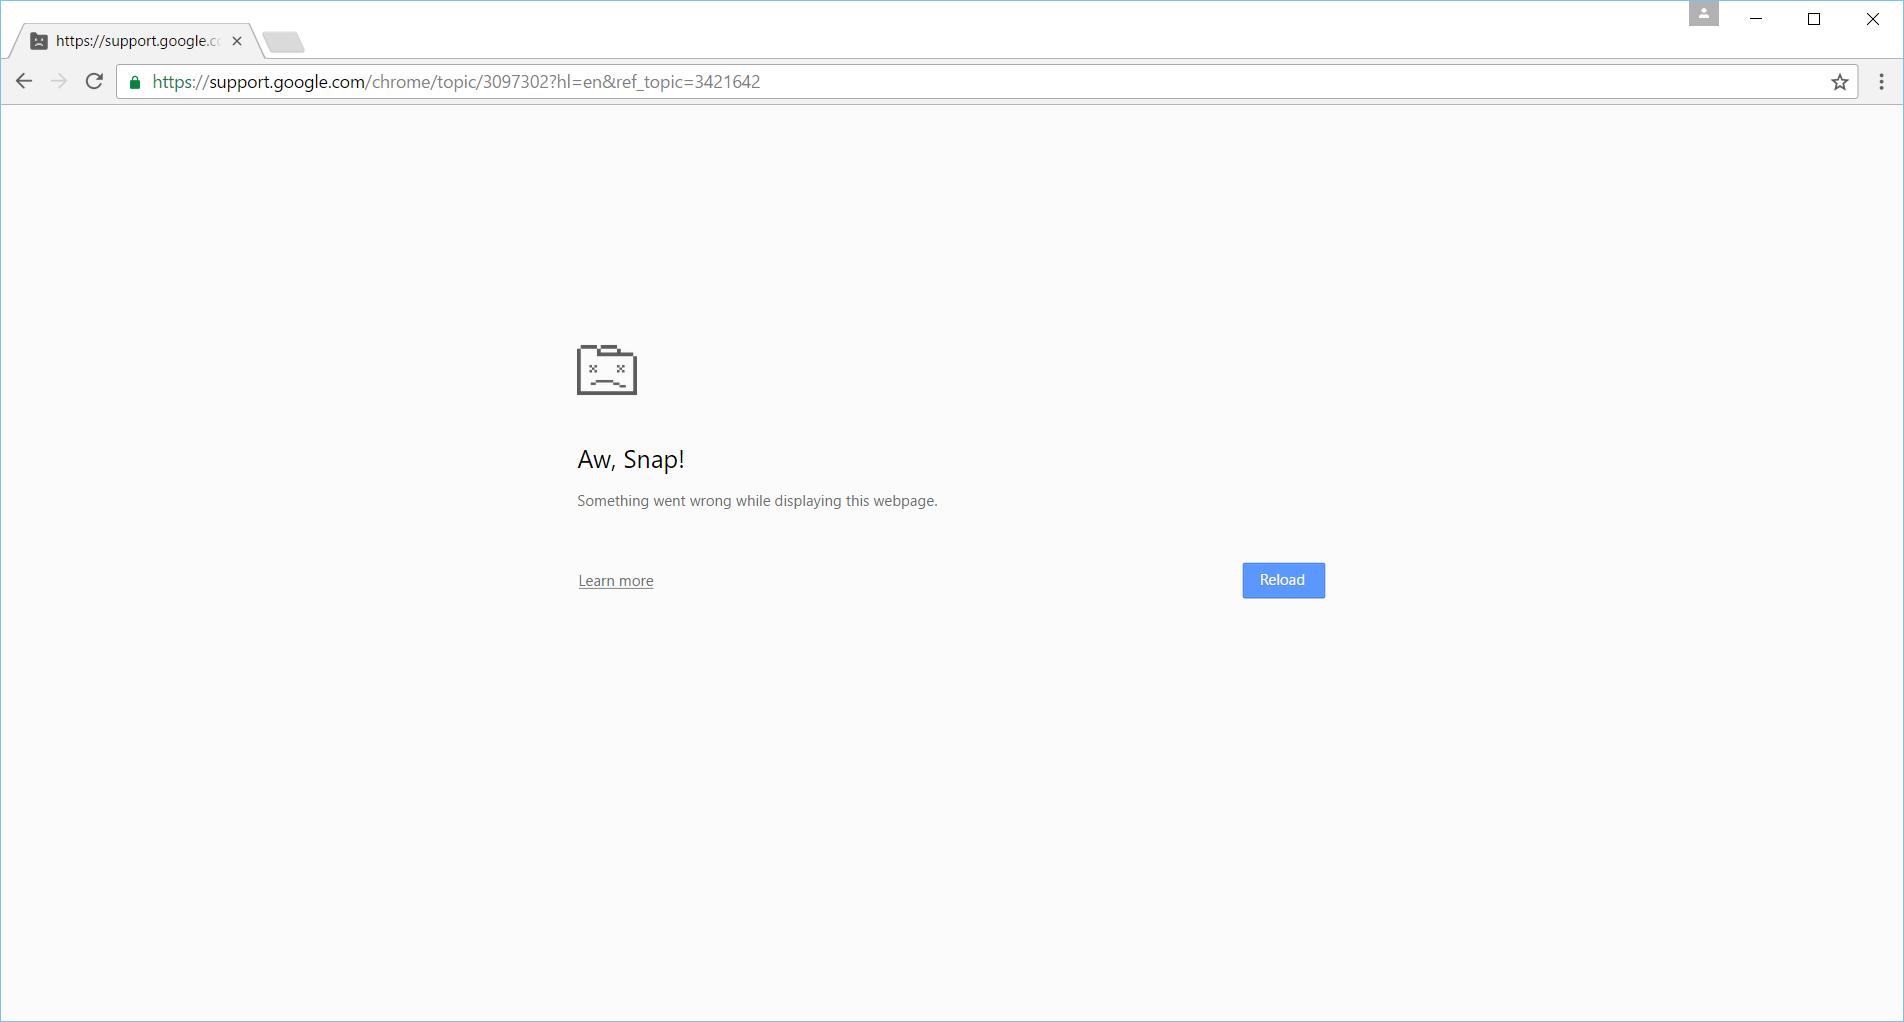 Google hang up - Aw, Snap.png